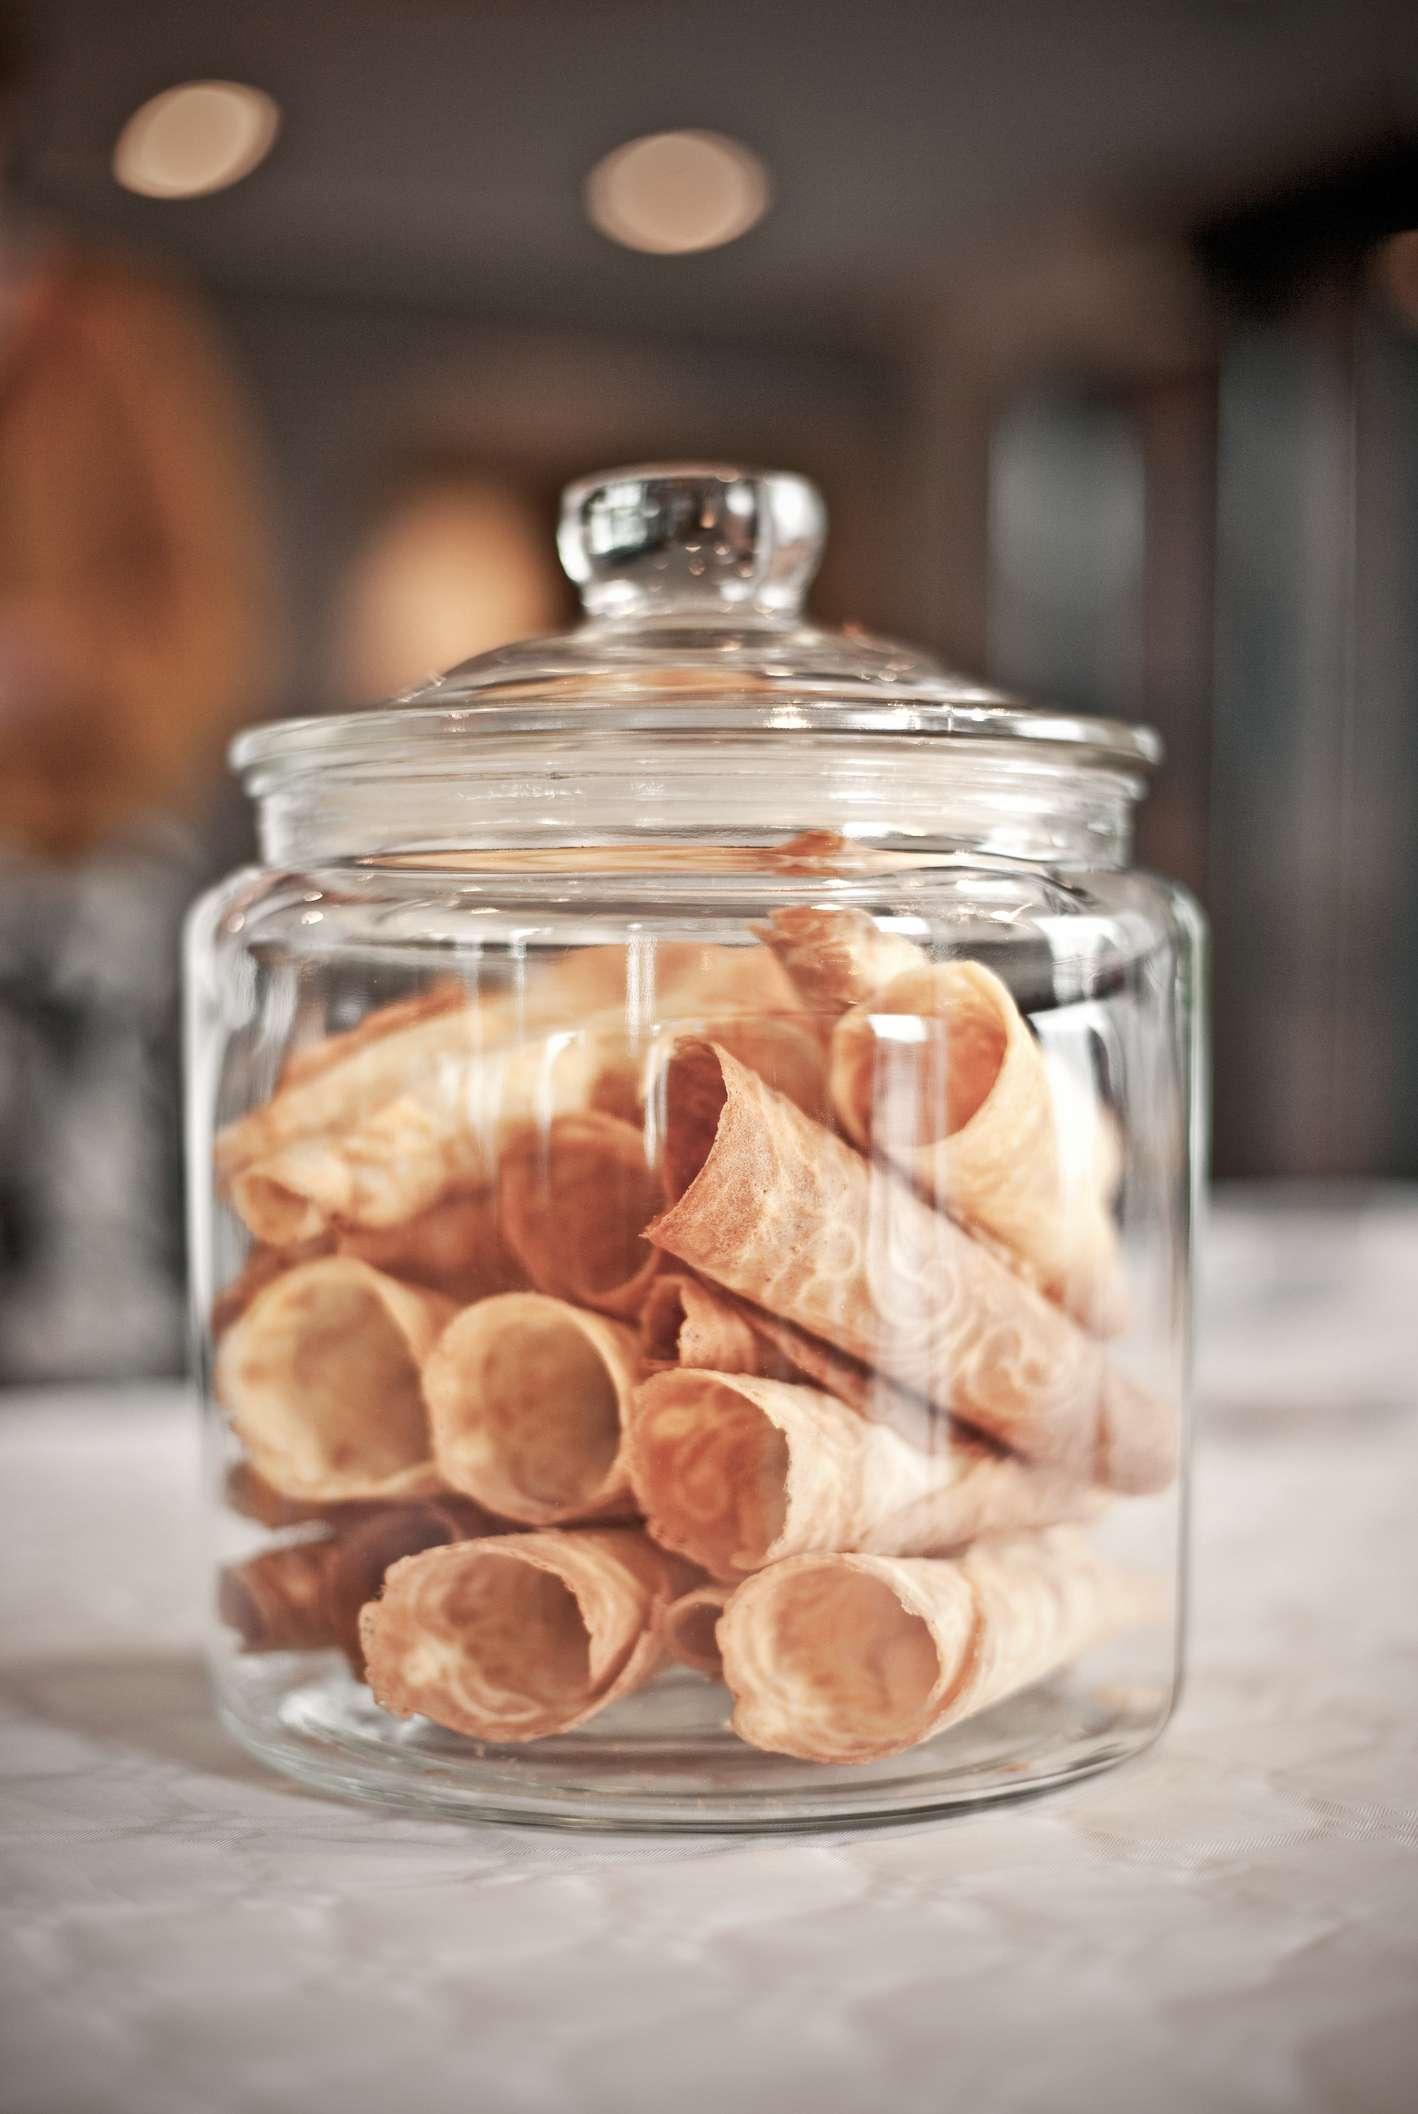 Krumkake Cookies in a glass jar